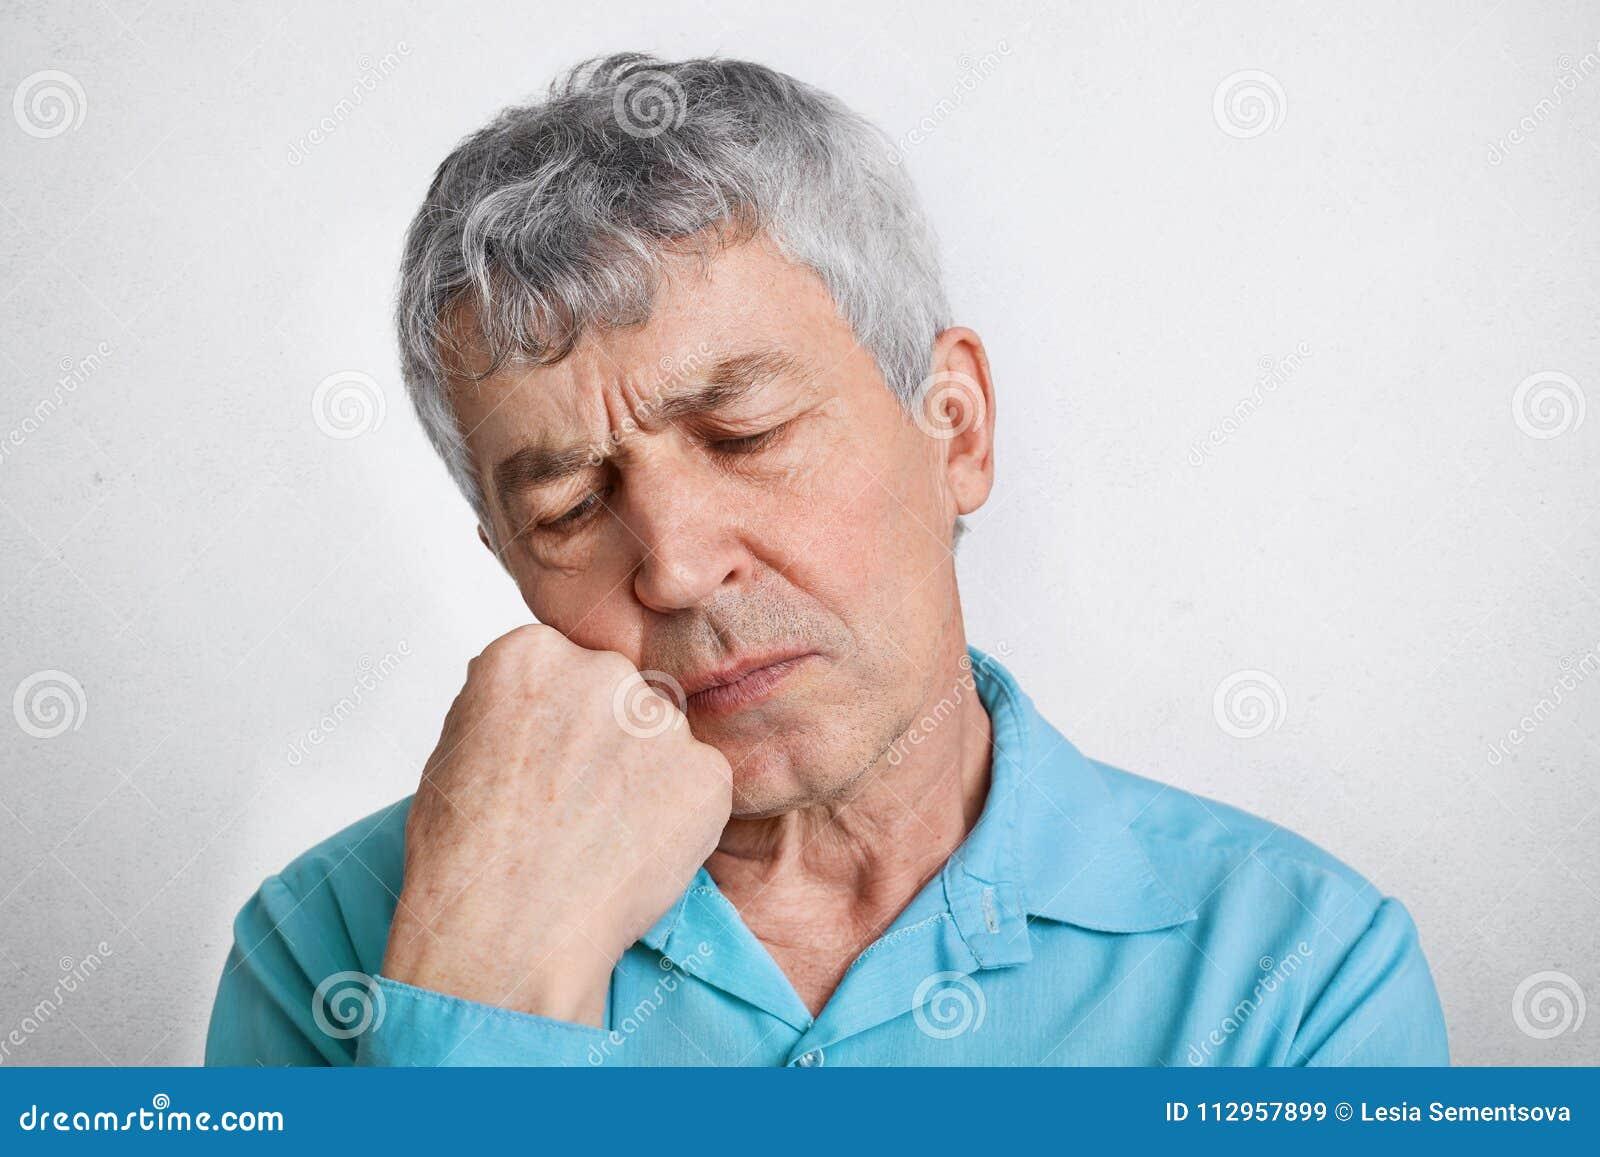 Το στοχαστικό ηλικιωμένο αρσενικό με τη σκεπτική έκφραση, αισθάνεται μόνο, κρατά το χέρι κάτω από το πηγούνι και συλλογίζεται για